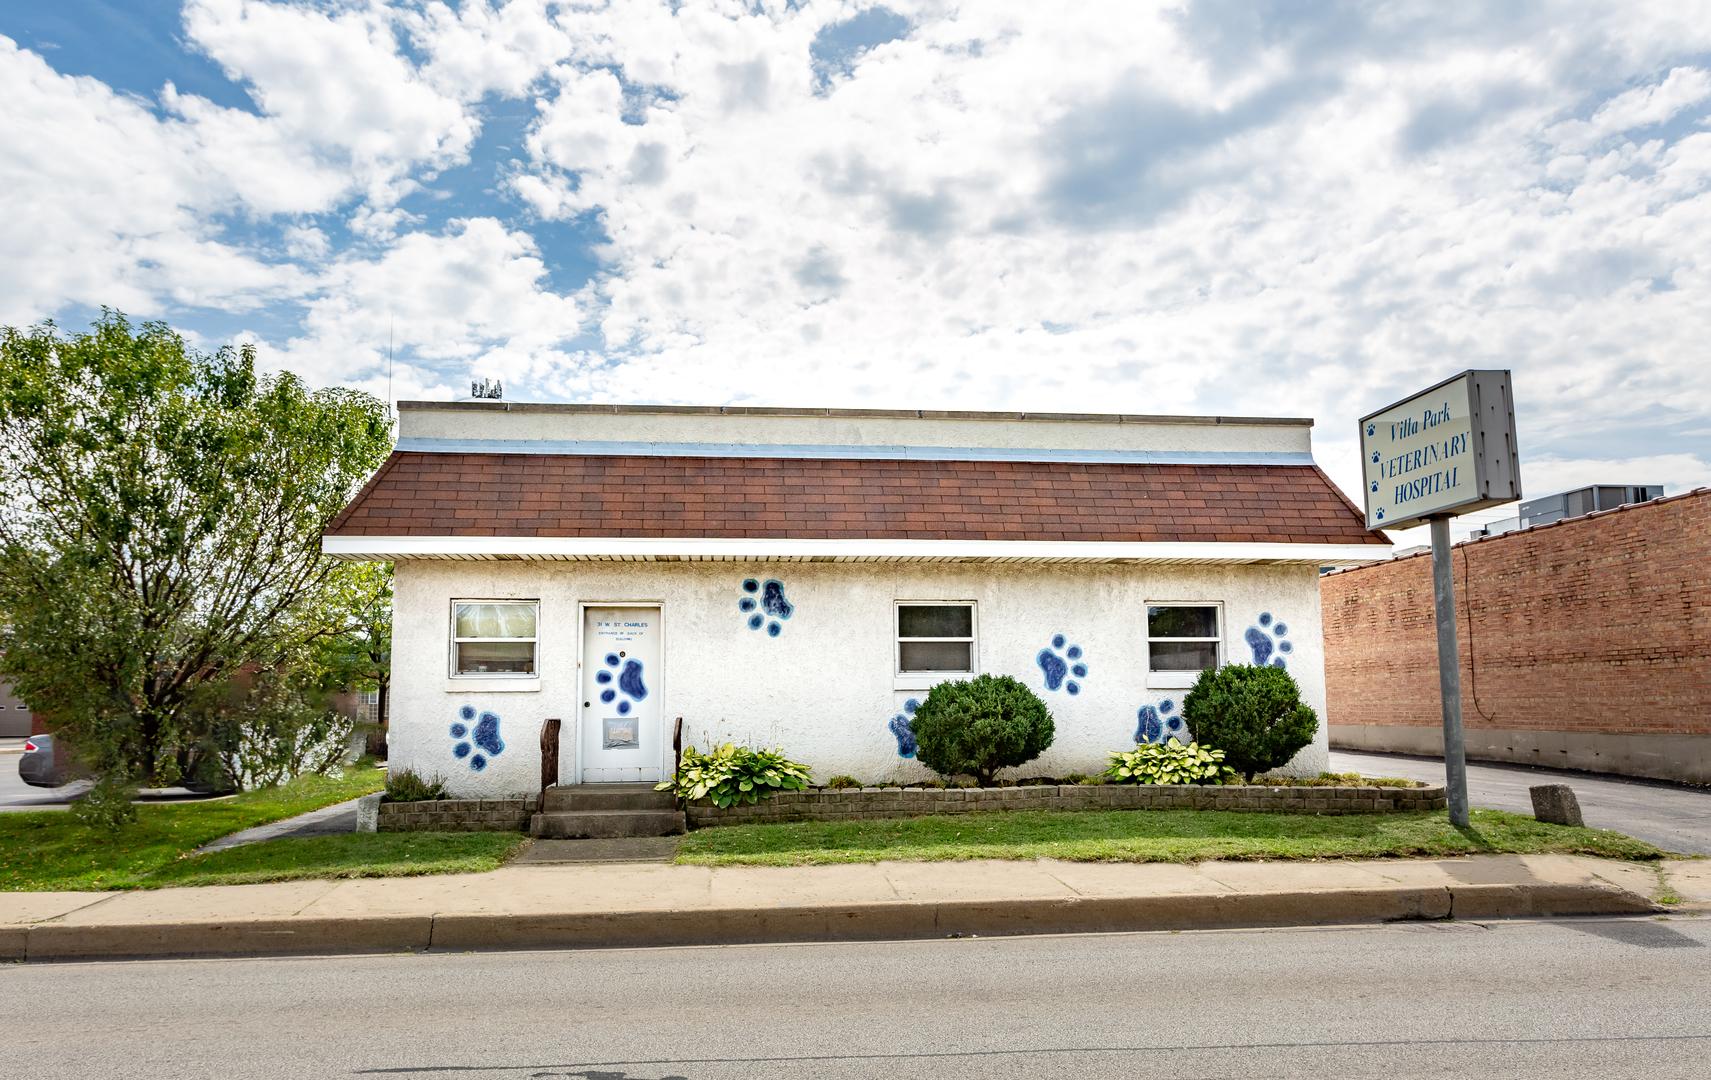 31 W St Charles Rd, Villa Park, IL 60181